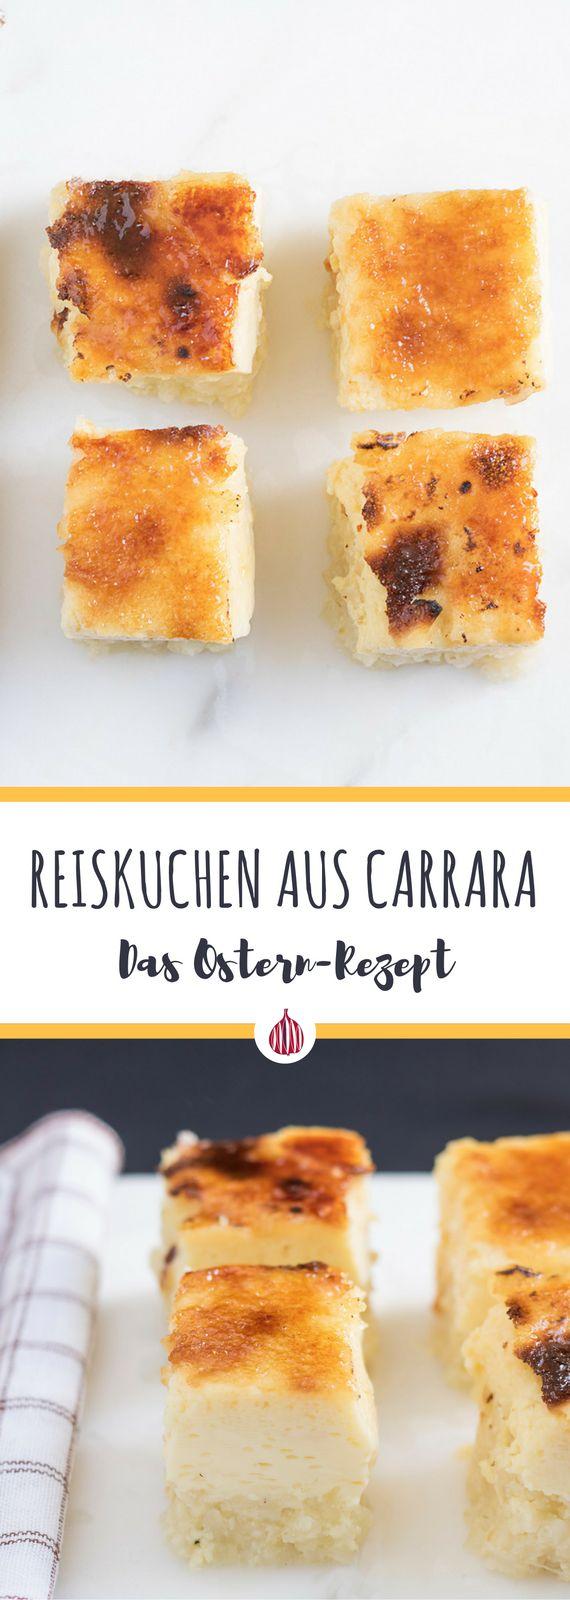 Es ist Osternzeit! Hier ist den leckeren Reiskuchen aus der Toskana. #toskana #italienischkochen